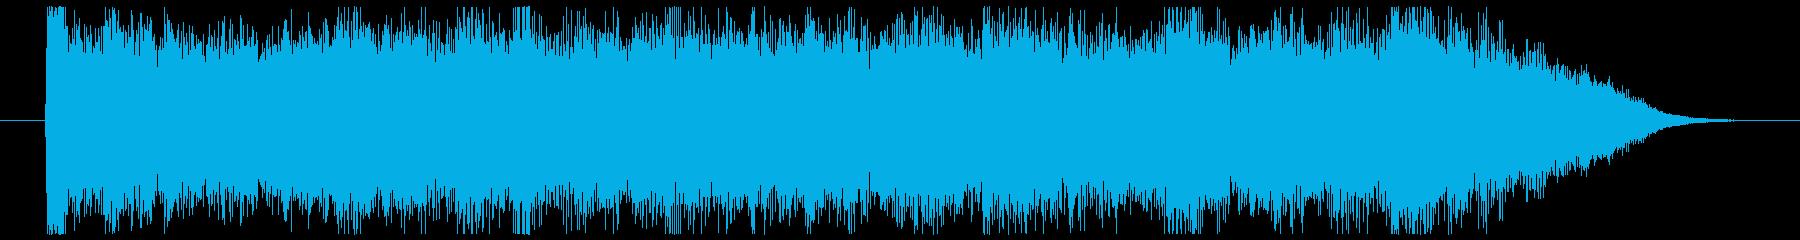 荒野の果てに CMサイズの再生済みの波形